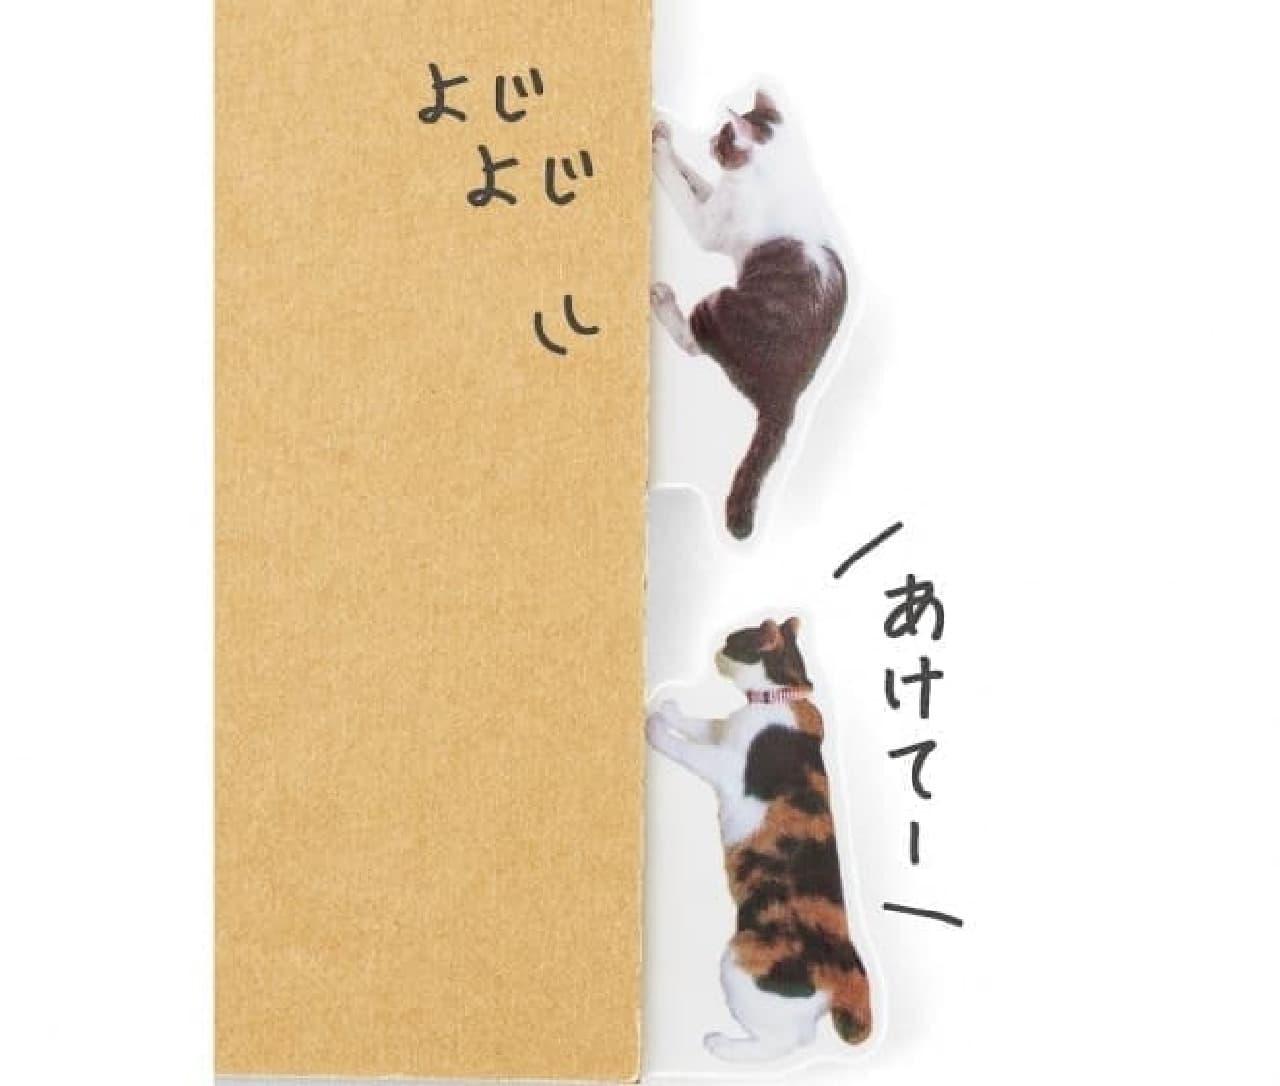 デザインその2:「まわりで遊ぶ猫」  よじよじ